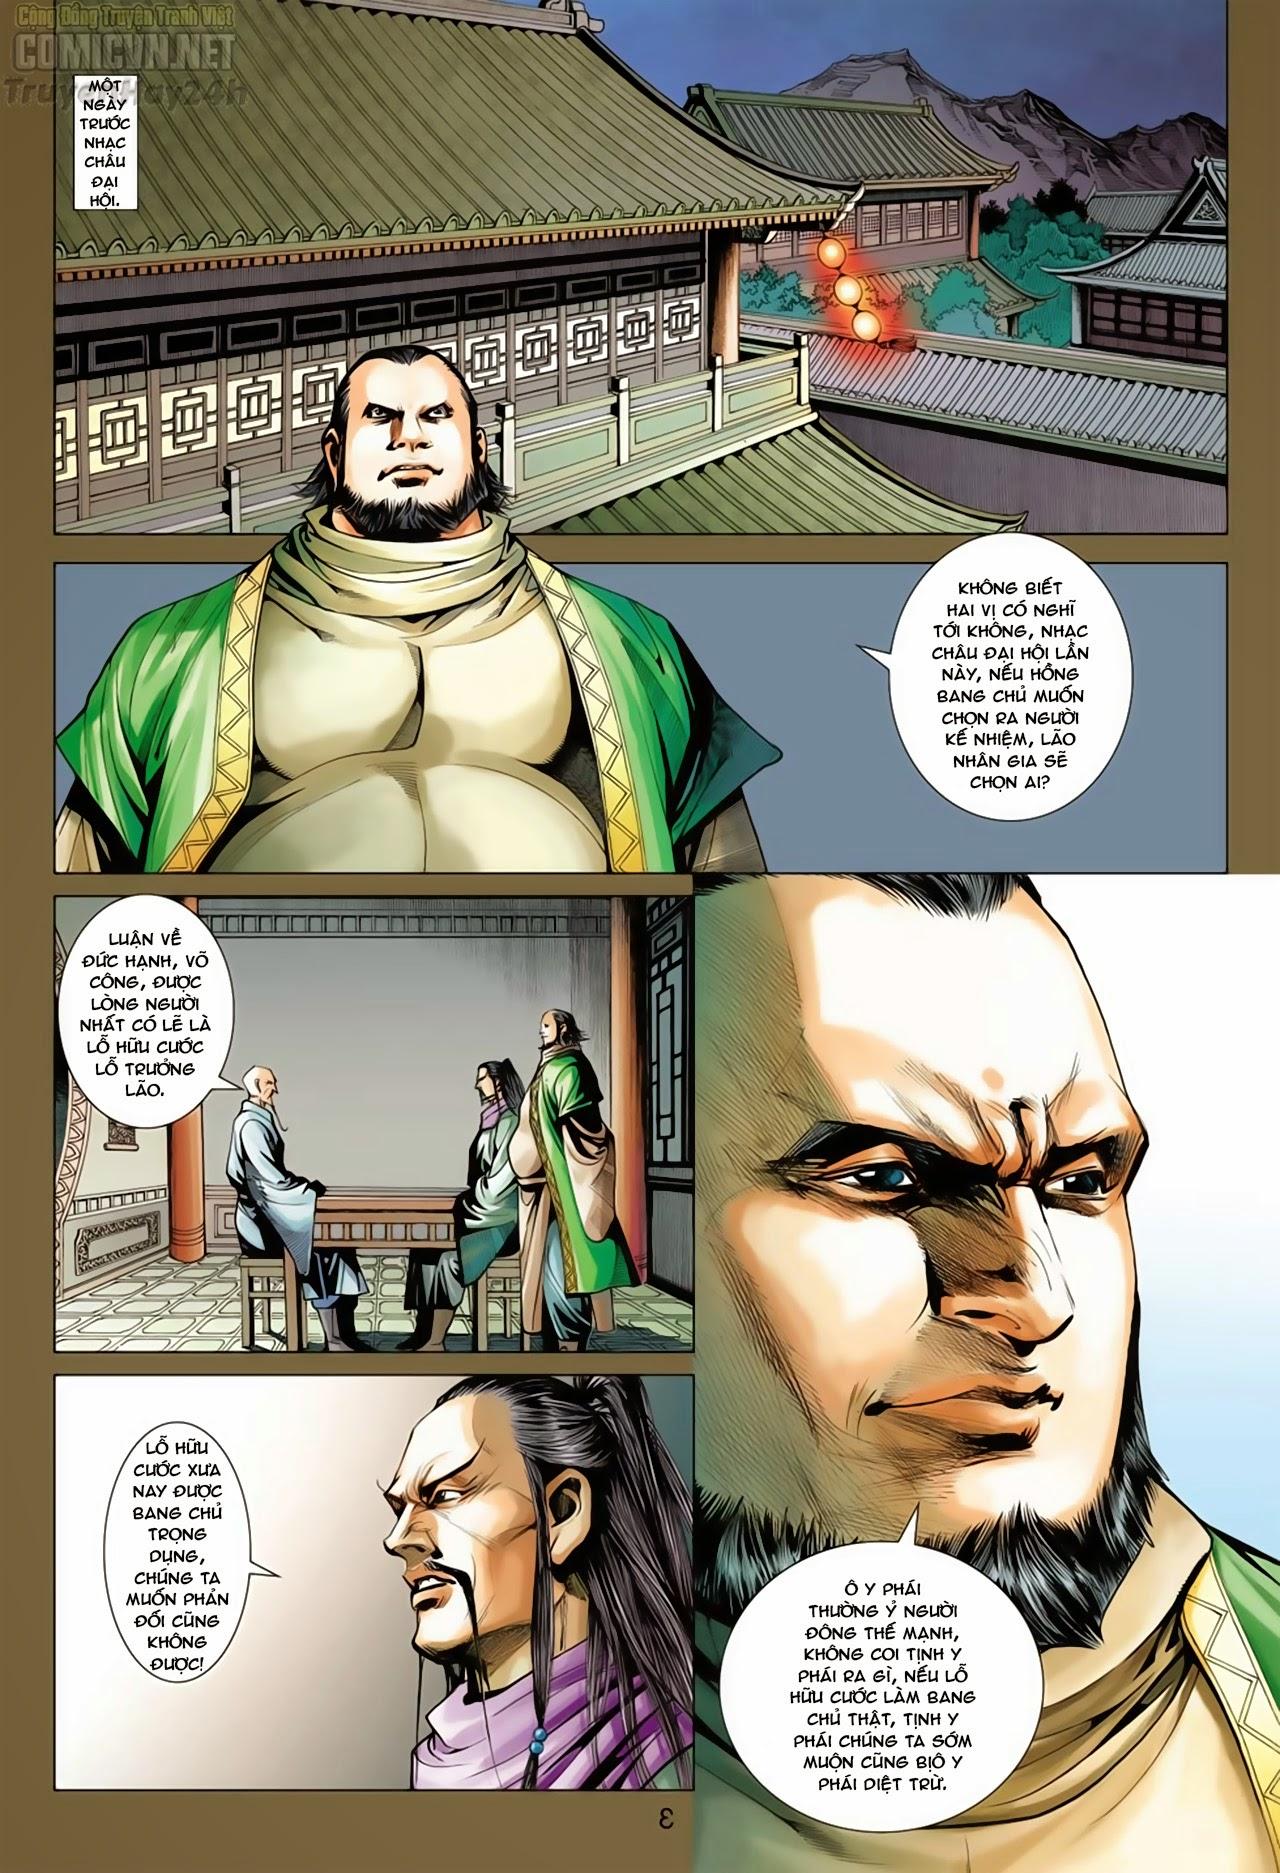 Anh Hùng Xạ Điêu anh hùng xạ đêu chap 66: nhạc châu đại hội trang 4